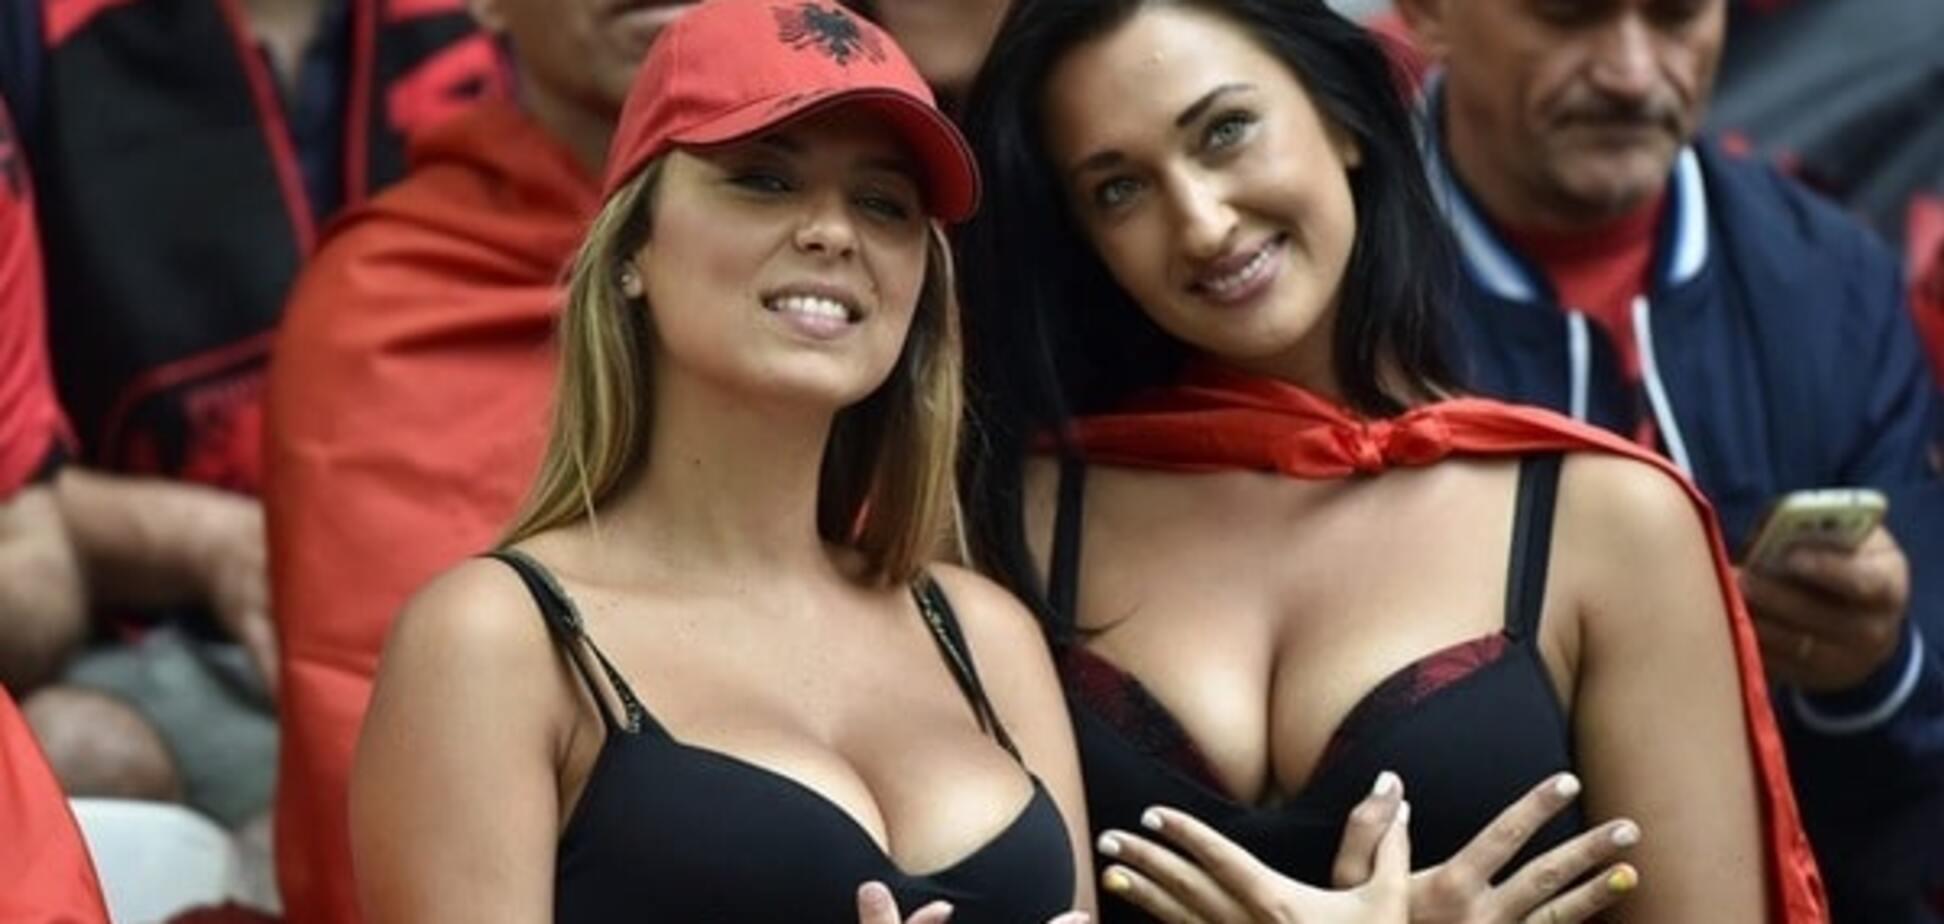 Фанатки Евро 2016